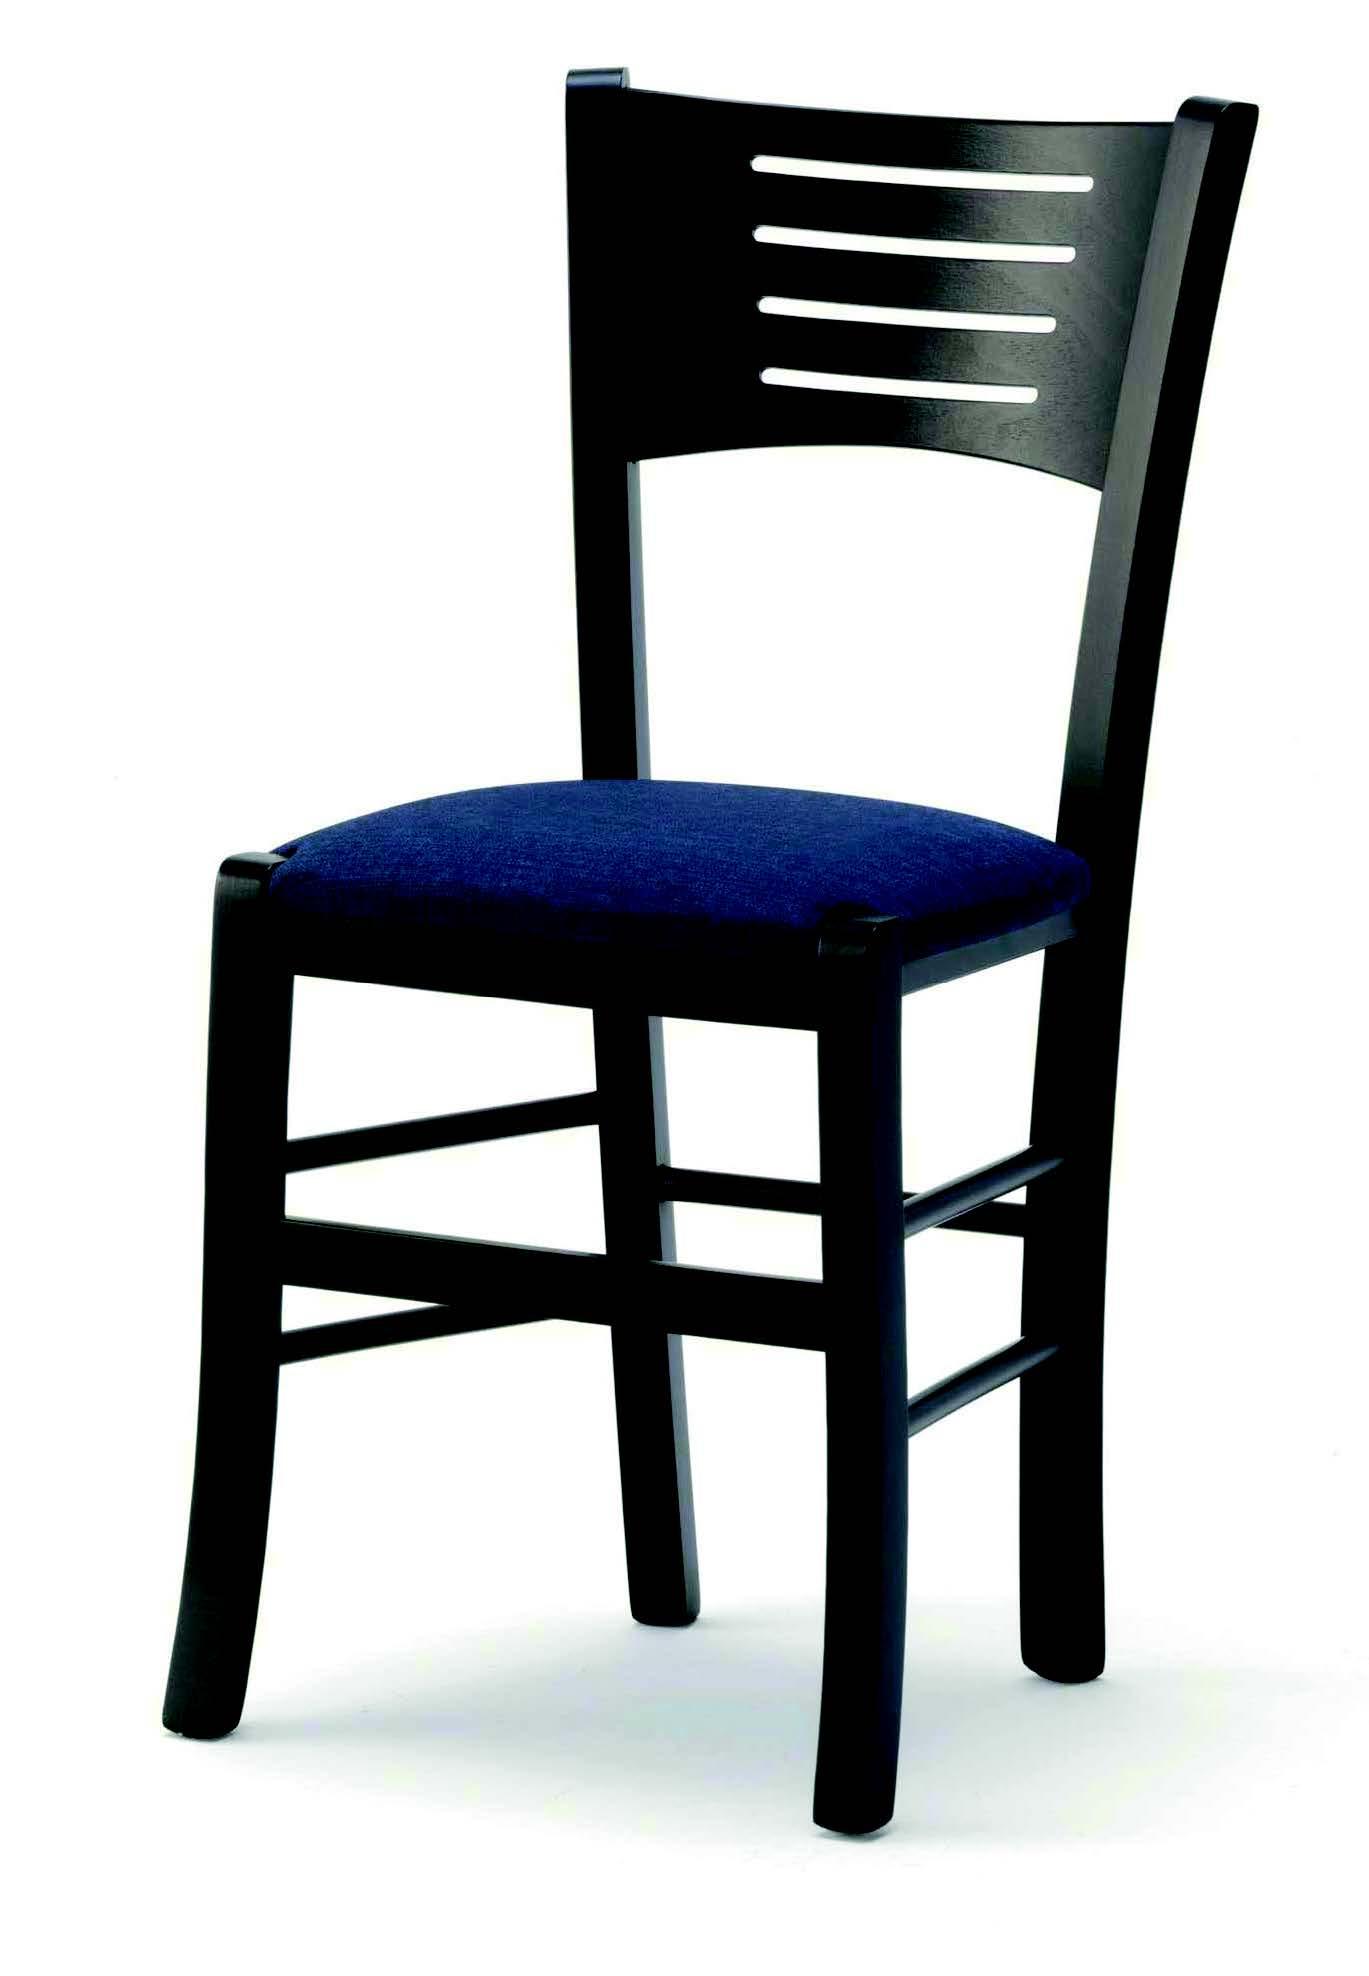 Sedia in faggio tre stecche galimberti sedie e tavoli for Galimberti sedie